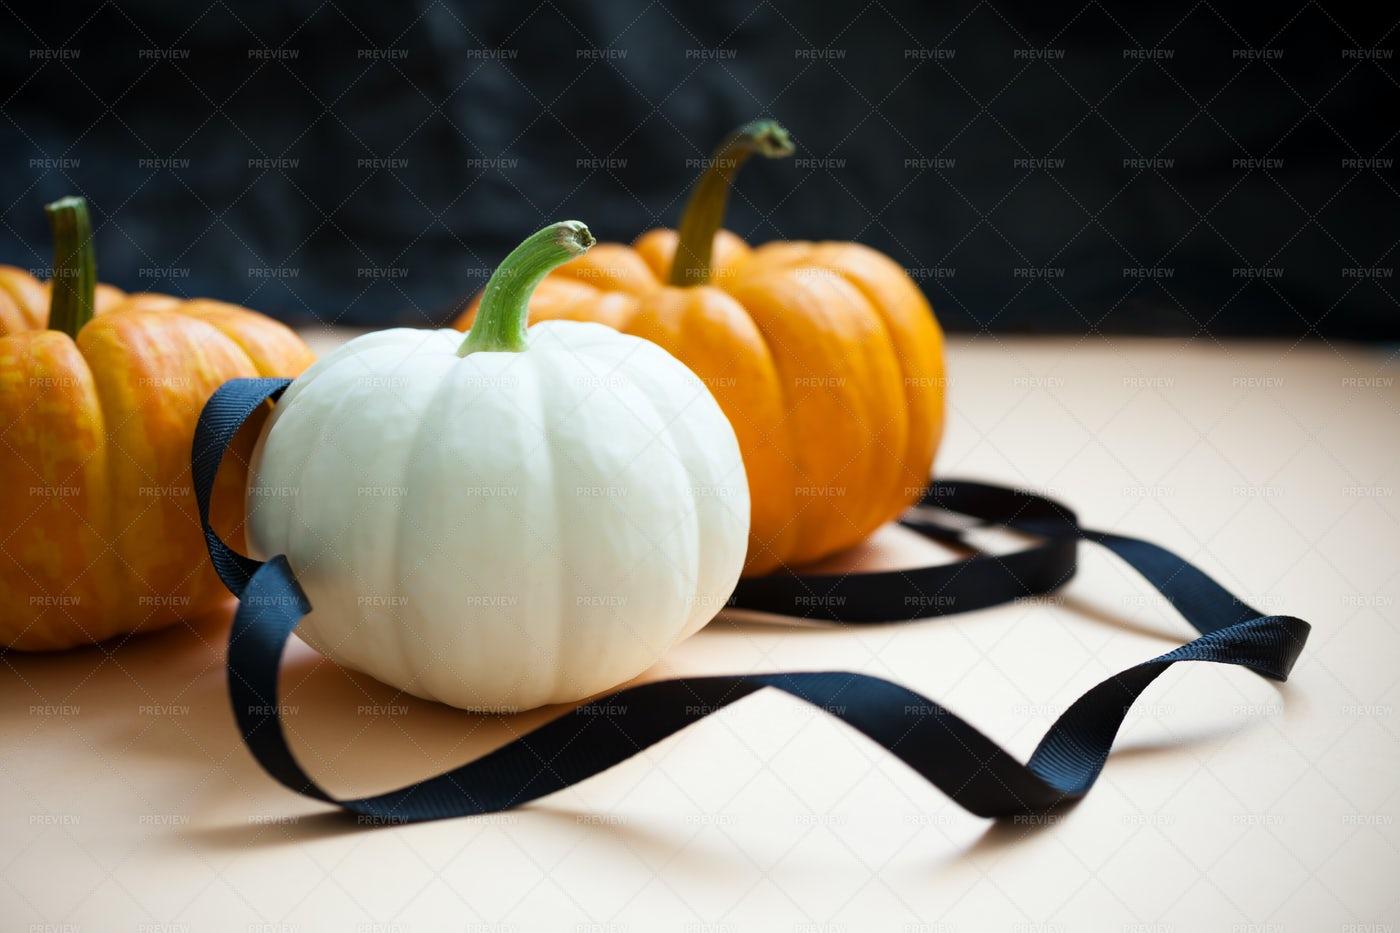 Orange And White Pumpkins: Stock Photos